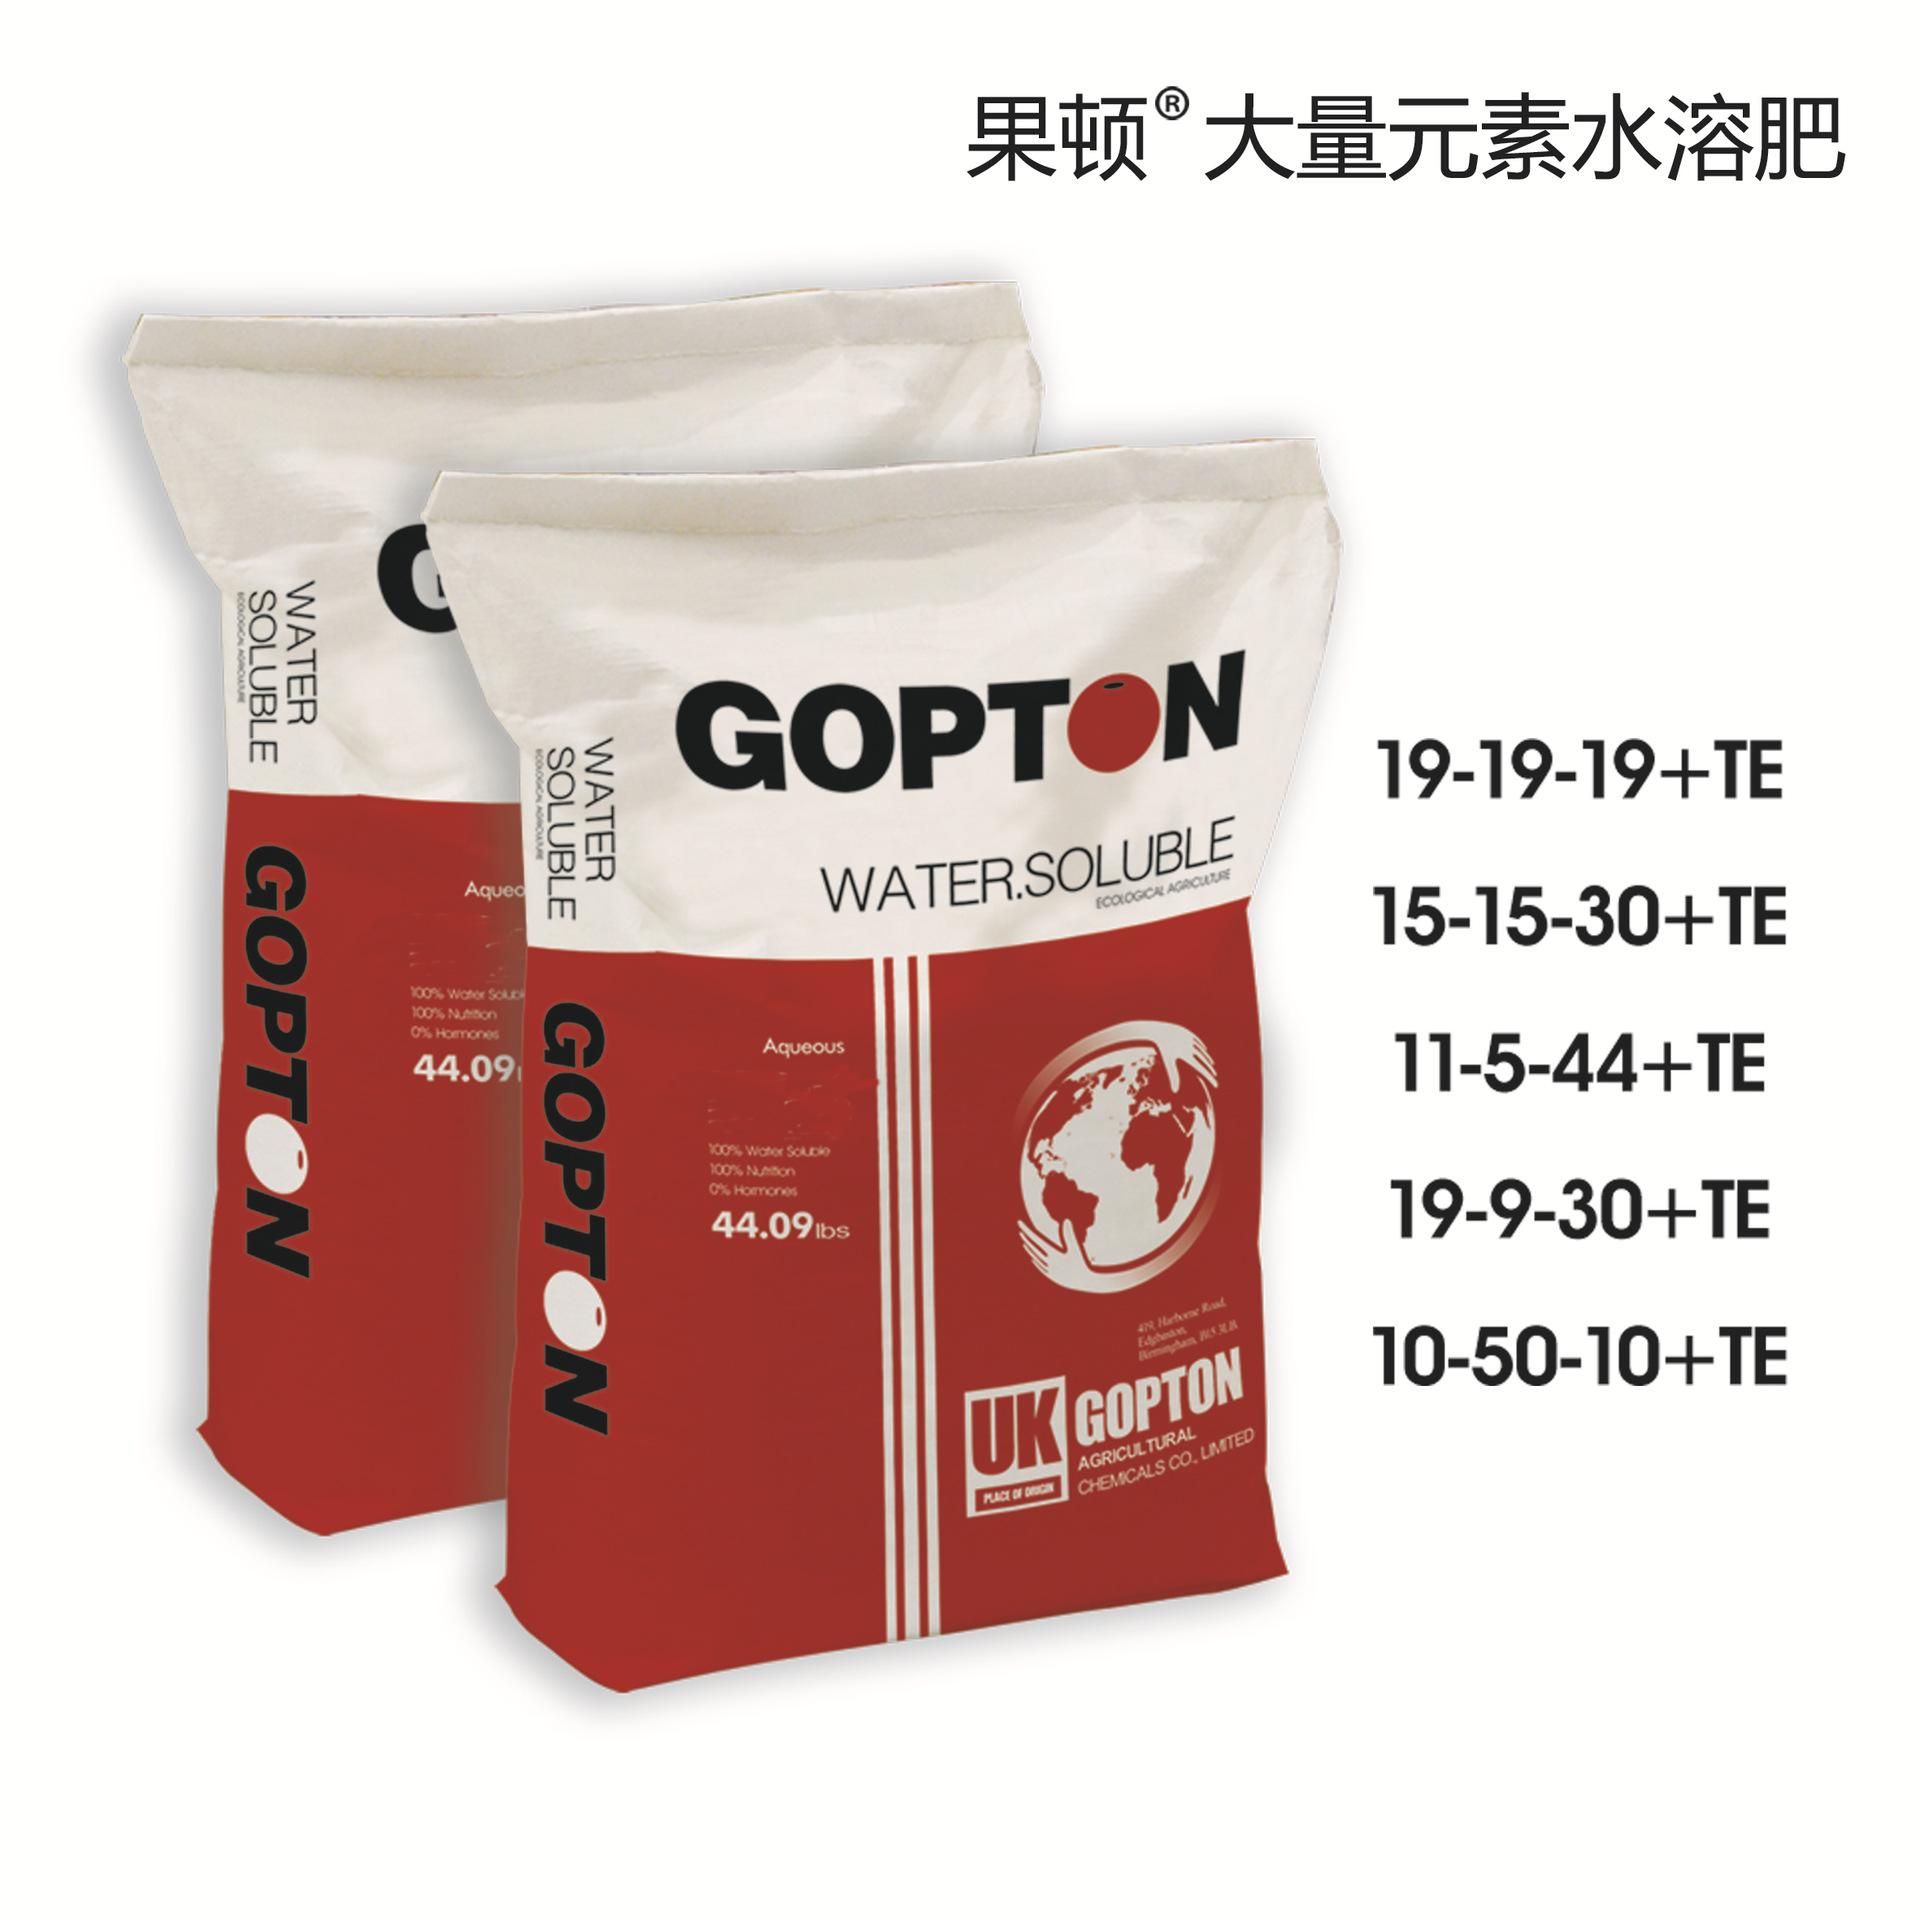 GUODUN Phân bón Một số lượng lớn các yếu tố của phân bón hòa tan trong nước, phân bón, phân bón, phâ